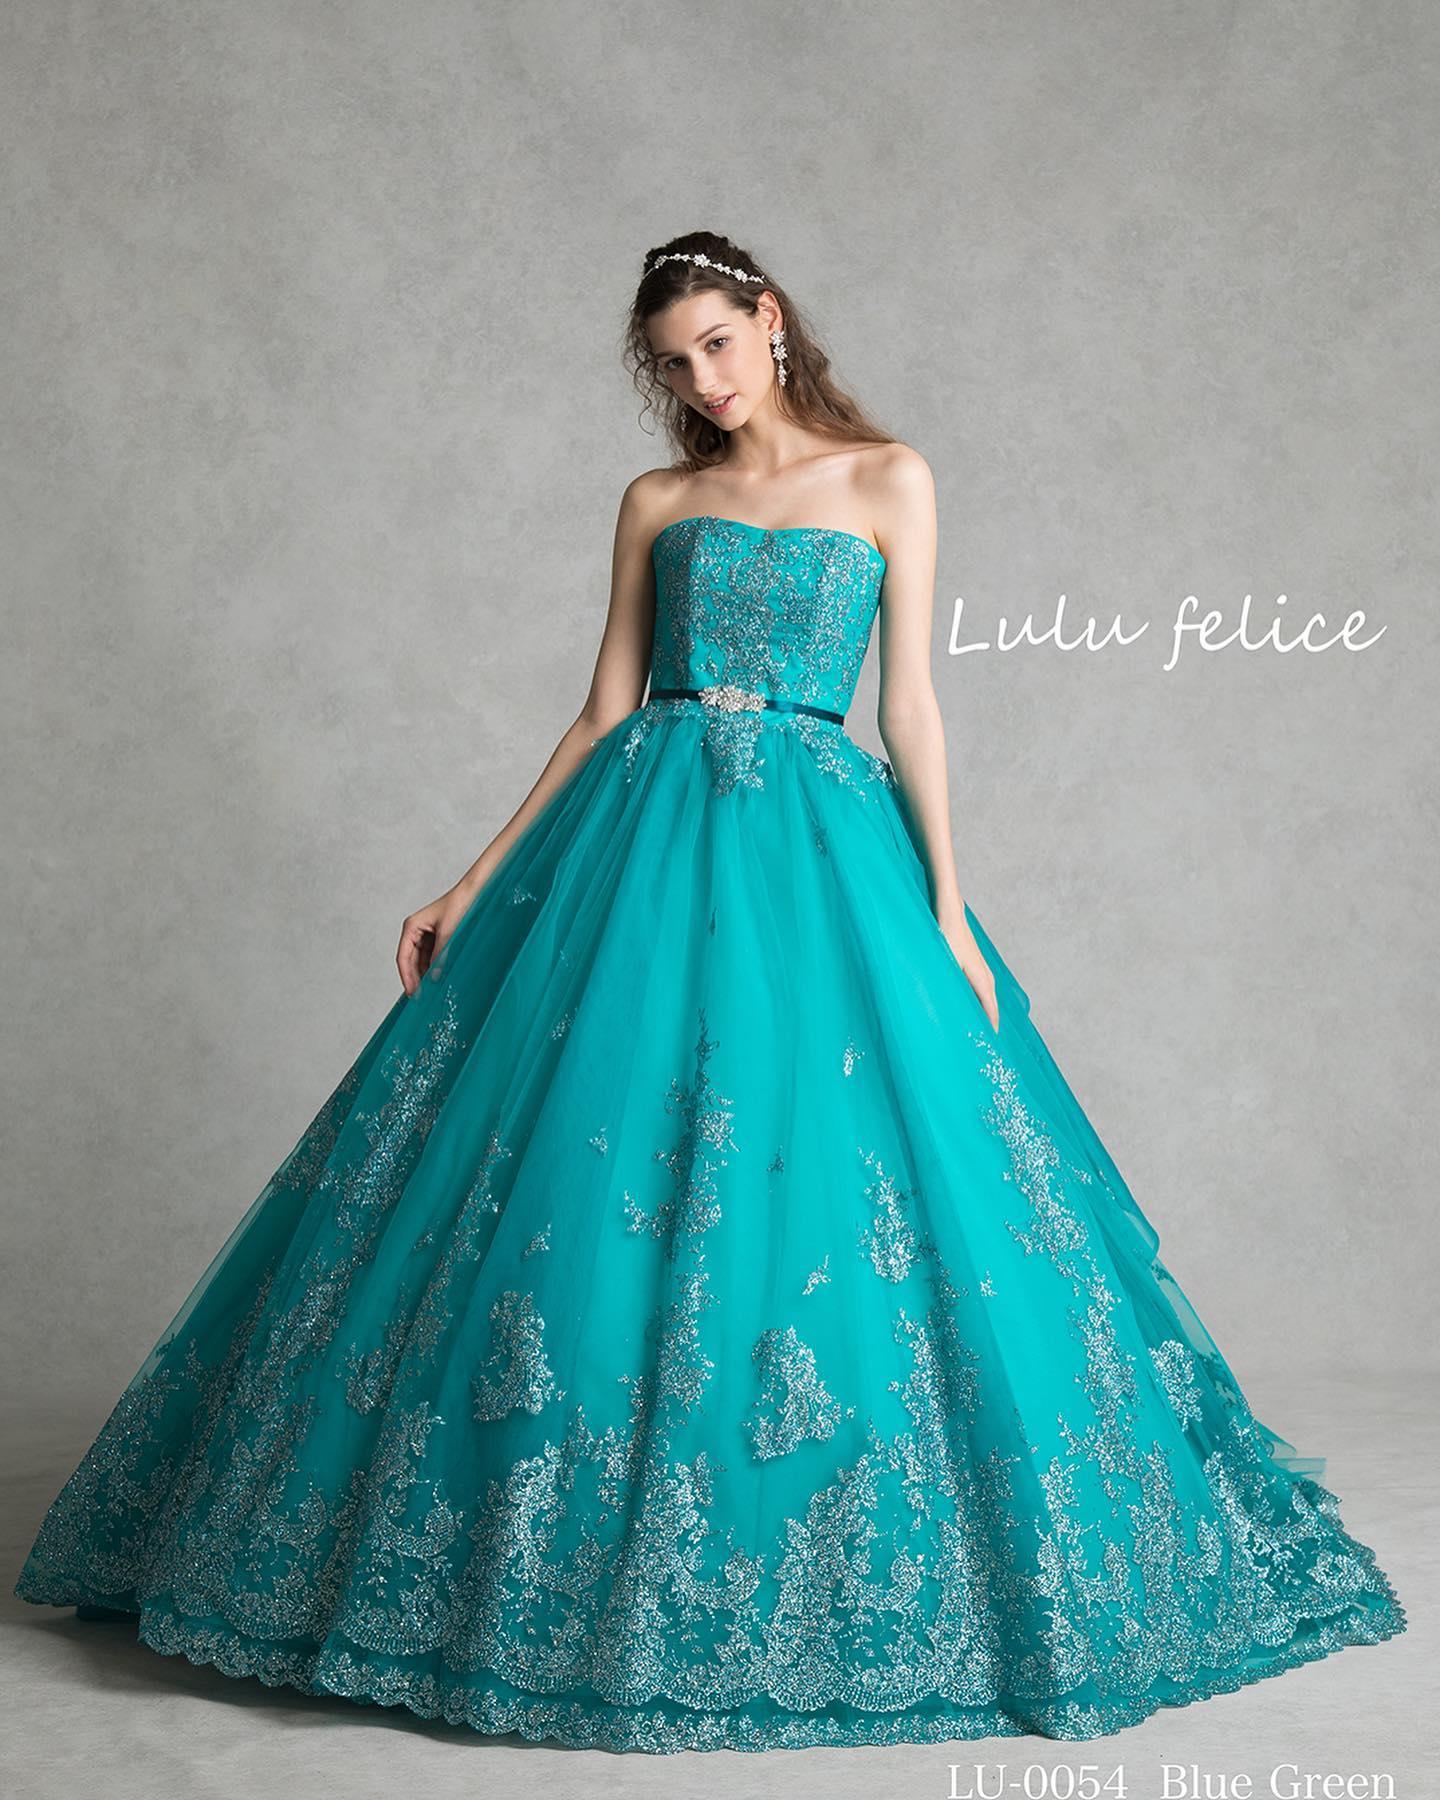 本日はLuLu felice(ルル フェリーチェ)のカラードレスをご紹介・深みのある色合いと裾にあしらわれた上品なグリッターが美しいブルーグリーンのドレス・バックスタイルはペプラム使いでほど良いボリュームがあり華やかな印象高級感と可愛らしさをあわせ持つ魅力的な一着です・これからの季節にピッタリの一着ご予約お待ちしております🕊・【Lulu felice】LU-0054レンタル価格:220,000・#wedding #weddingdress #bridalhiro  #lulufelice#ウェディングドレス #プレ花嫁 #ドレス試着 #2021夏婚 #2021冬婚 #ヘアメイク #結婚式  #ドレス選び #前撮り #後撮り #フォトウェディング #ウェディングヘア  #フォト婚 #前撮り写真 #ブライダルフォト #カップルフォト #ウェディングドレス探し #ウェディングドレス試着 #レンタルドレス #ドレスショップ #家族婚 #ブライダルヒロ #ゼクシィ #プリンセスライン #ドレス迷子 #ルルフェリーチェ